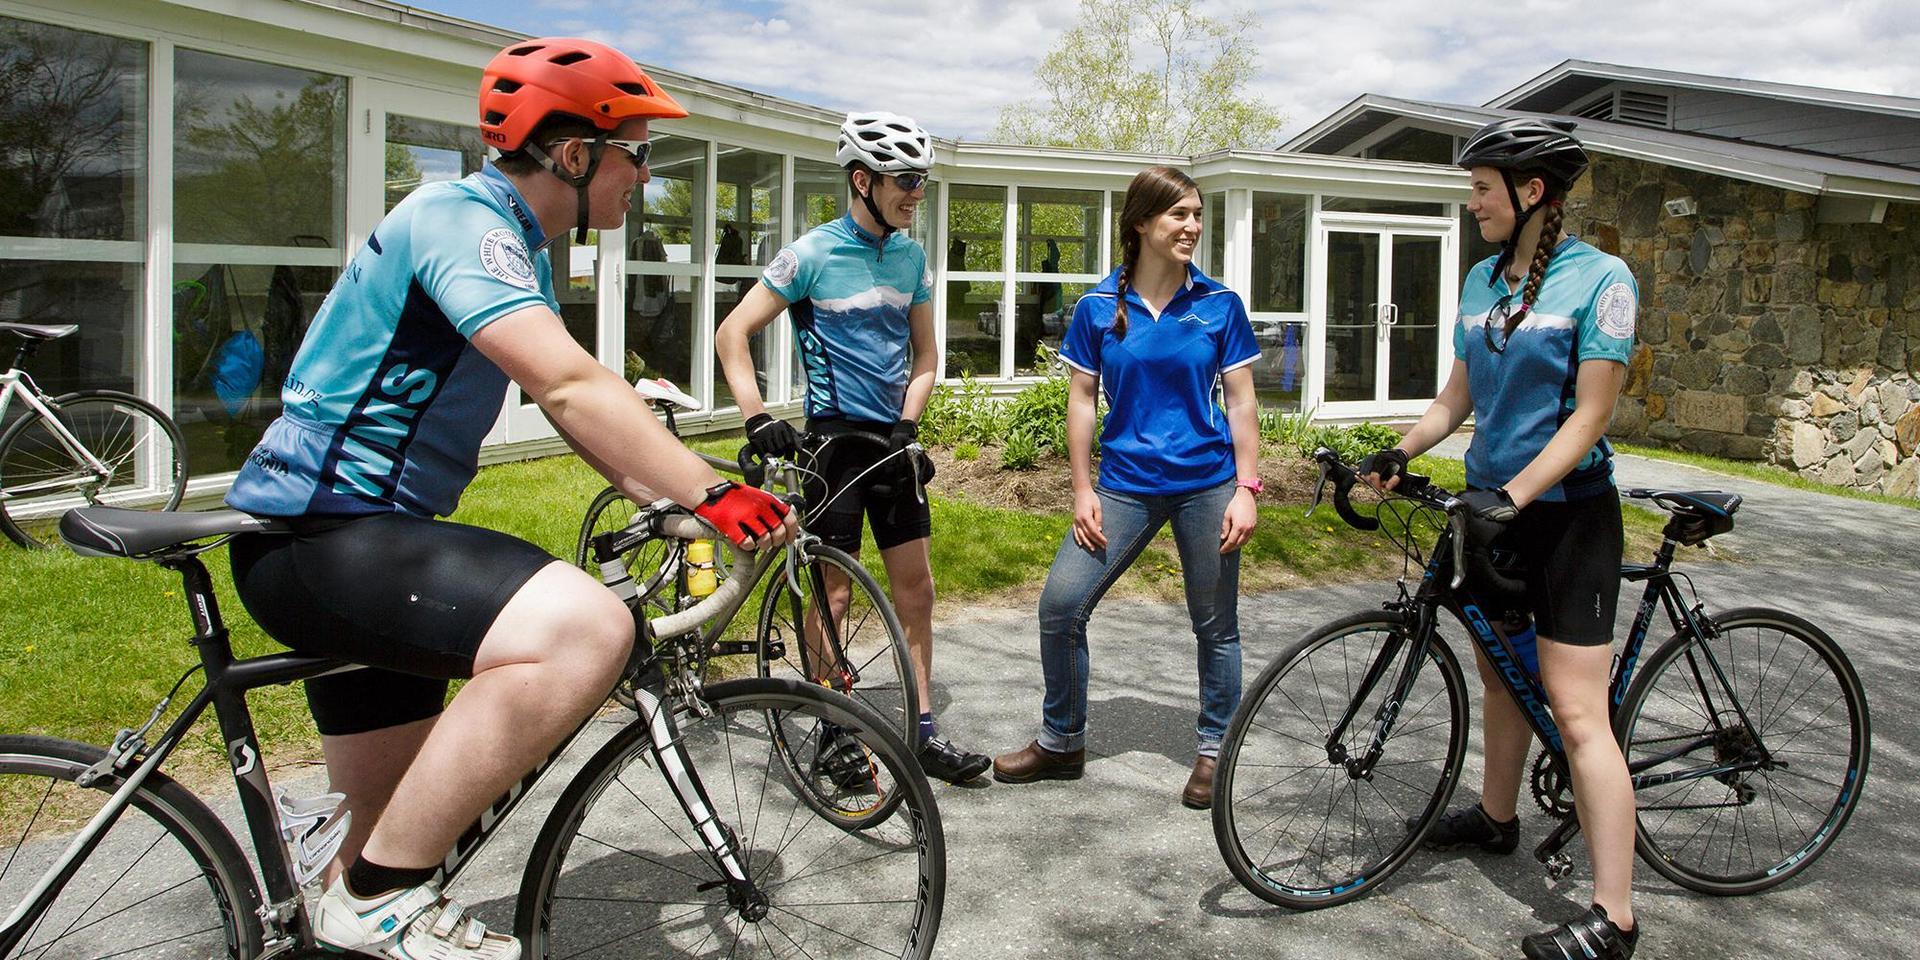 一群骑自行车的人和他们的教练.